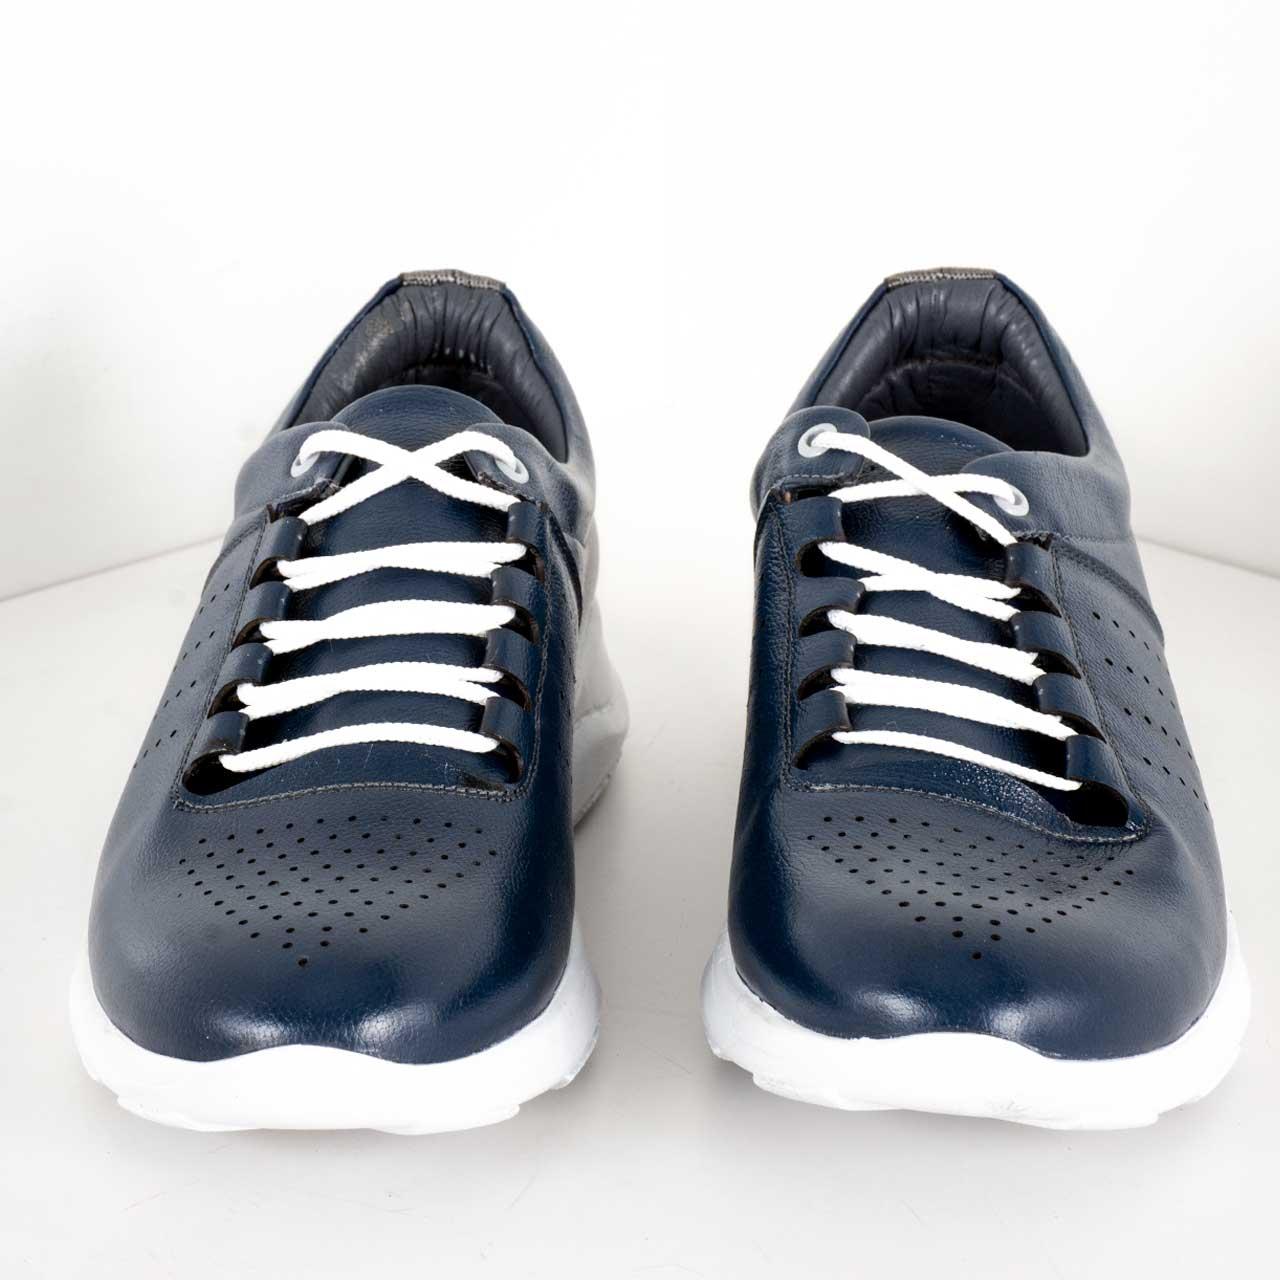 کفش روزمره مردانه پارینه چرم مدل SHO176-11 -  - 7